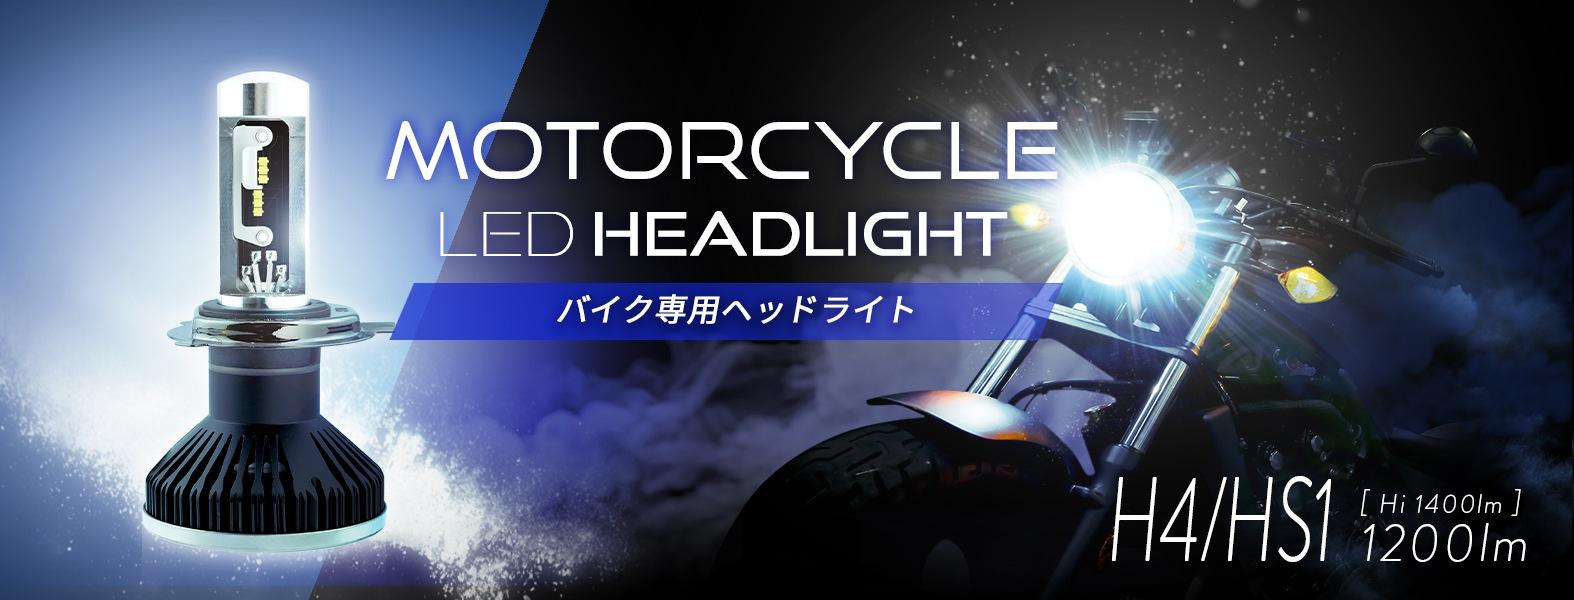 バイク専用LEDヘッドライト